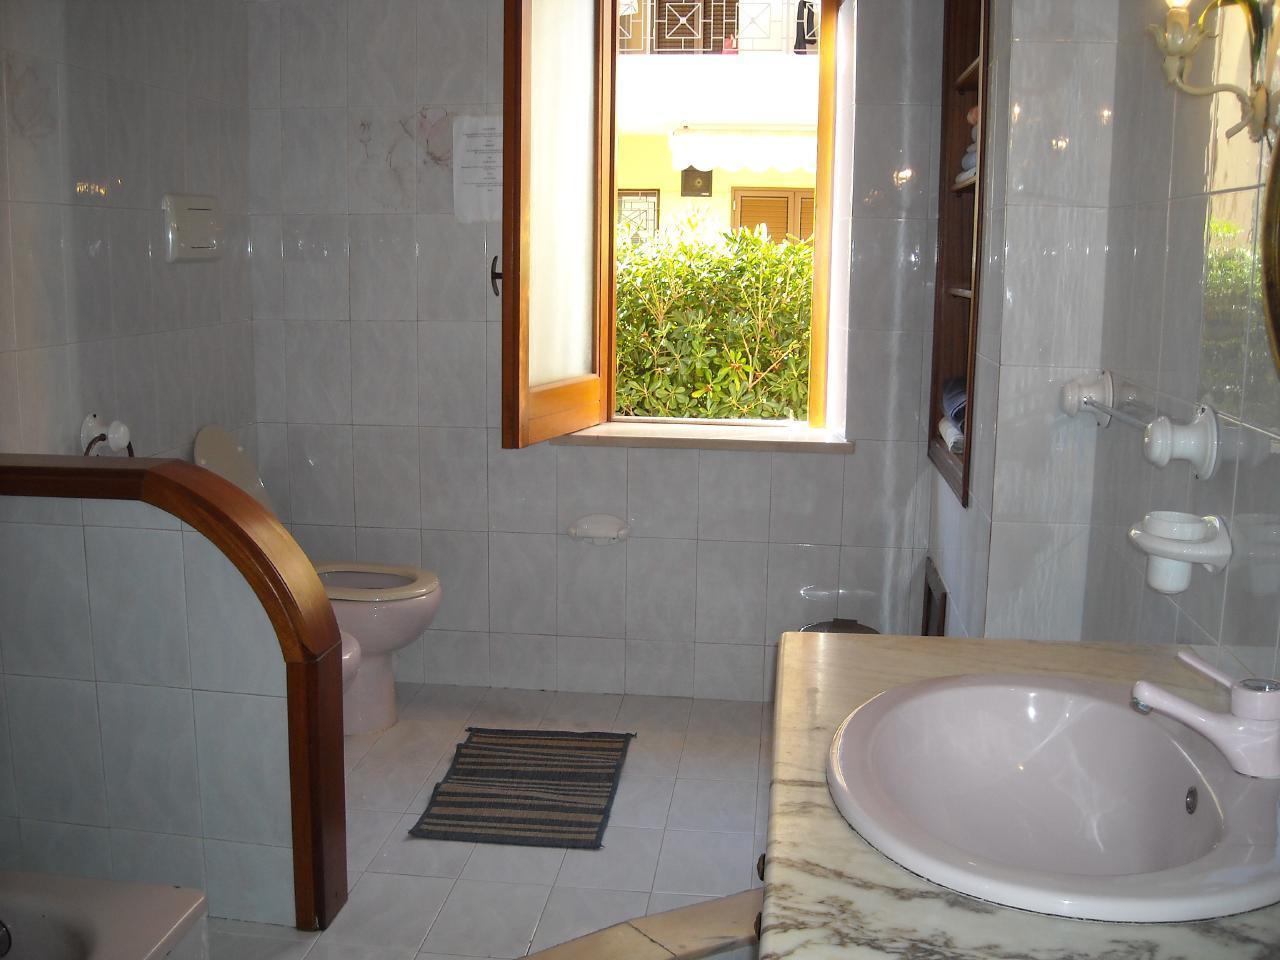 Ferienhaus Castellammare del Golfo Villalba A (34542), Castellammare del Golfo, Trapani, Sizilien, Italien, Bild 17